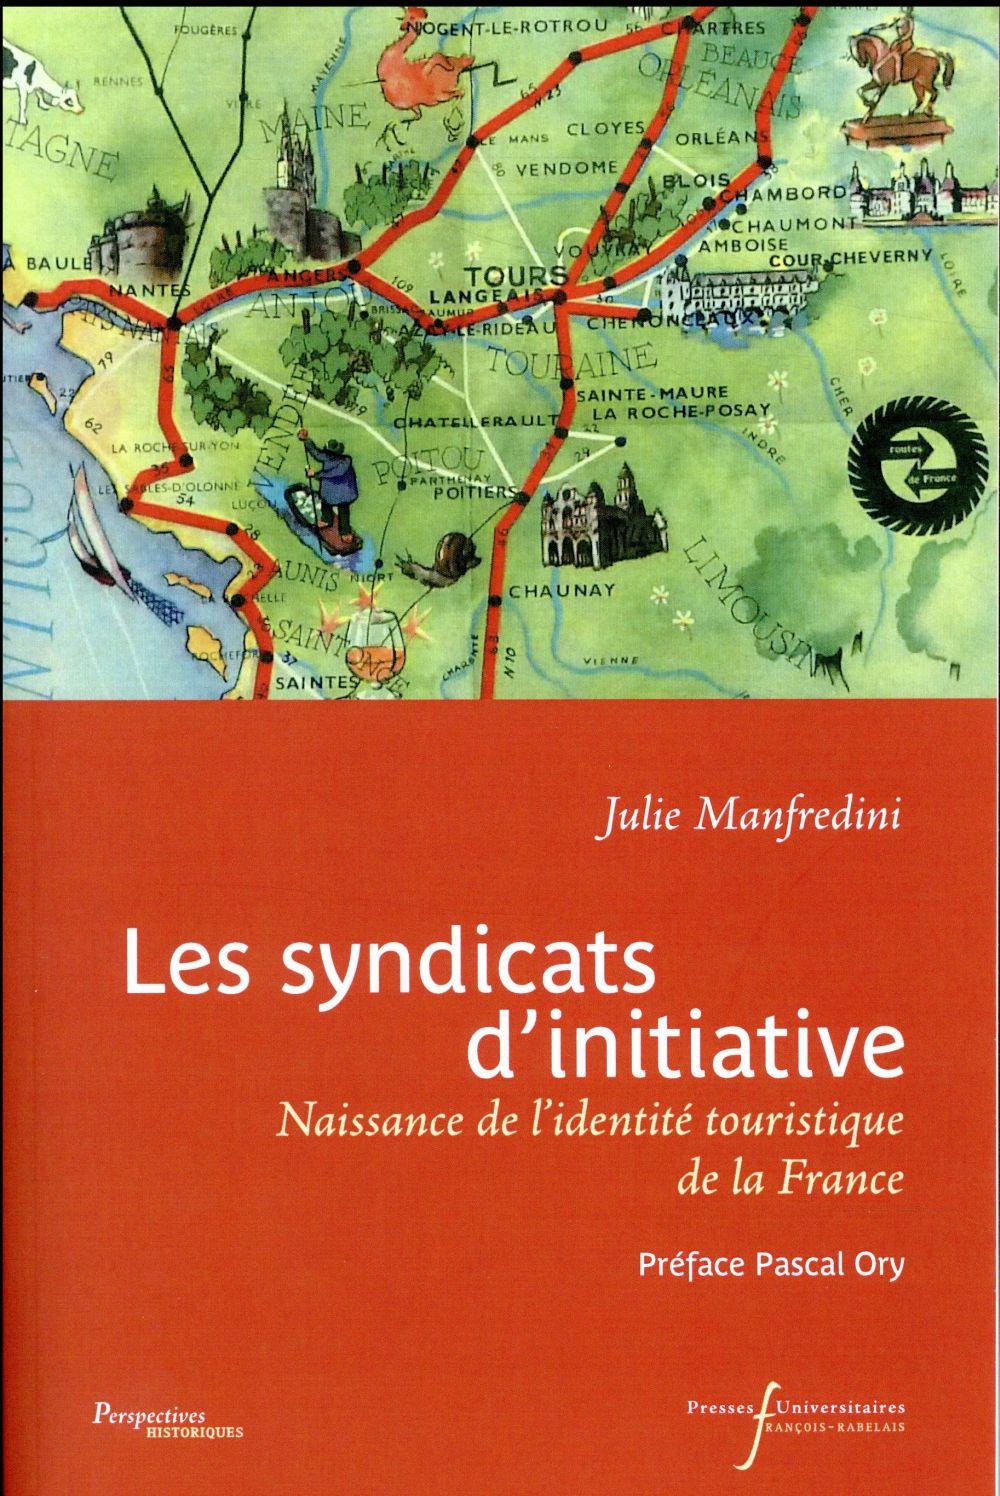 Les syndicats d'initiative ; naissance de l'identité touristique de la France